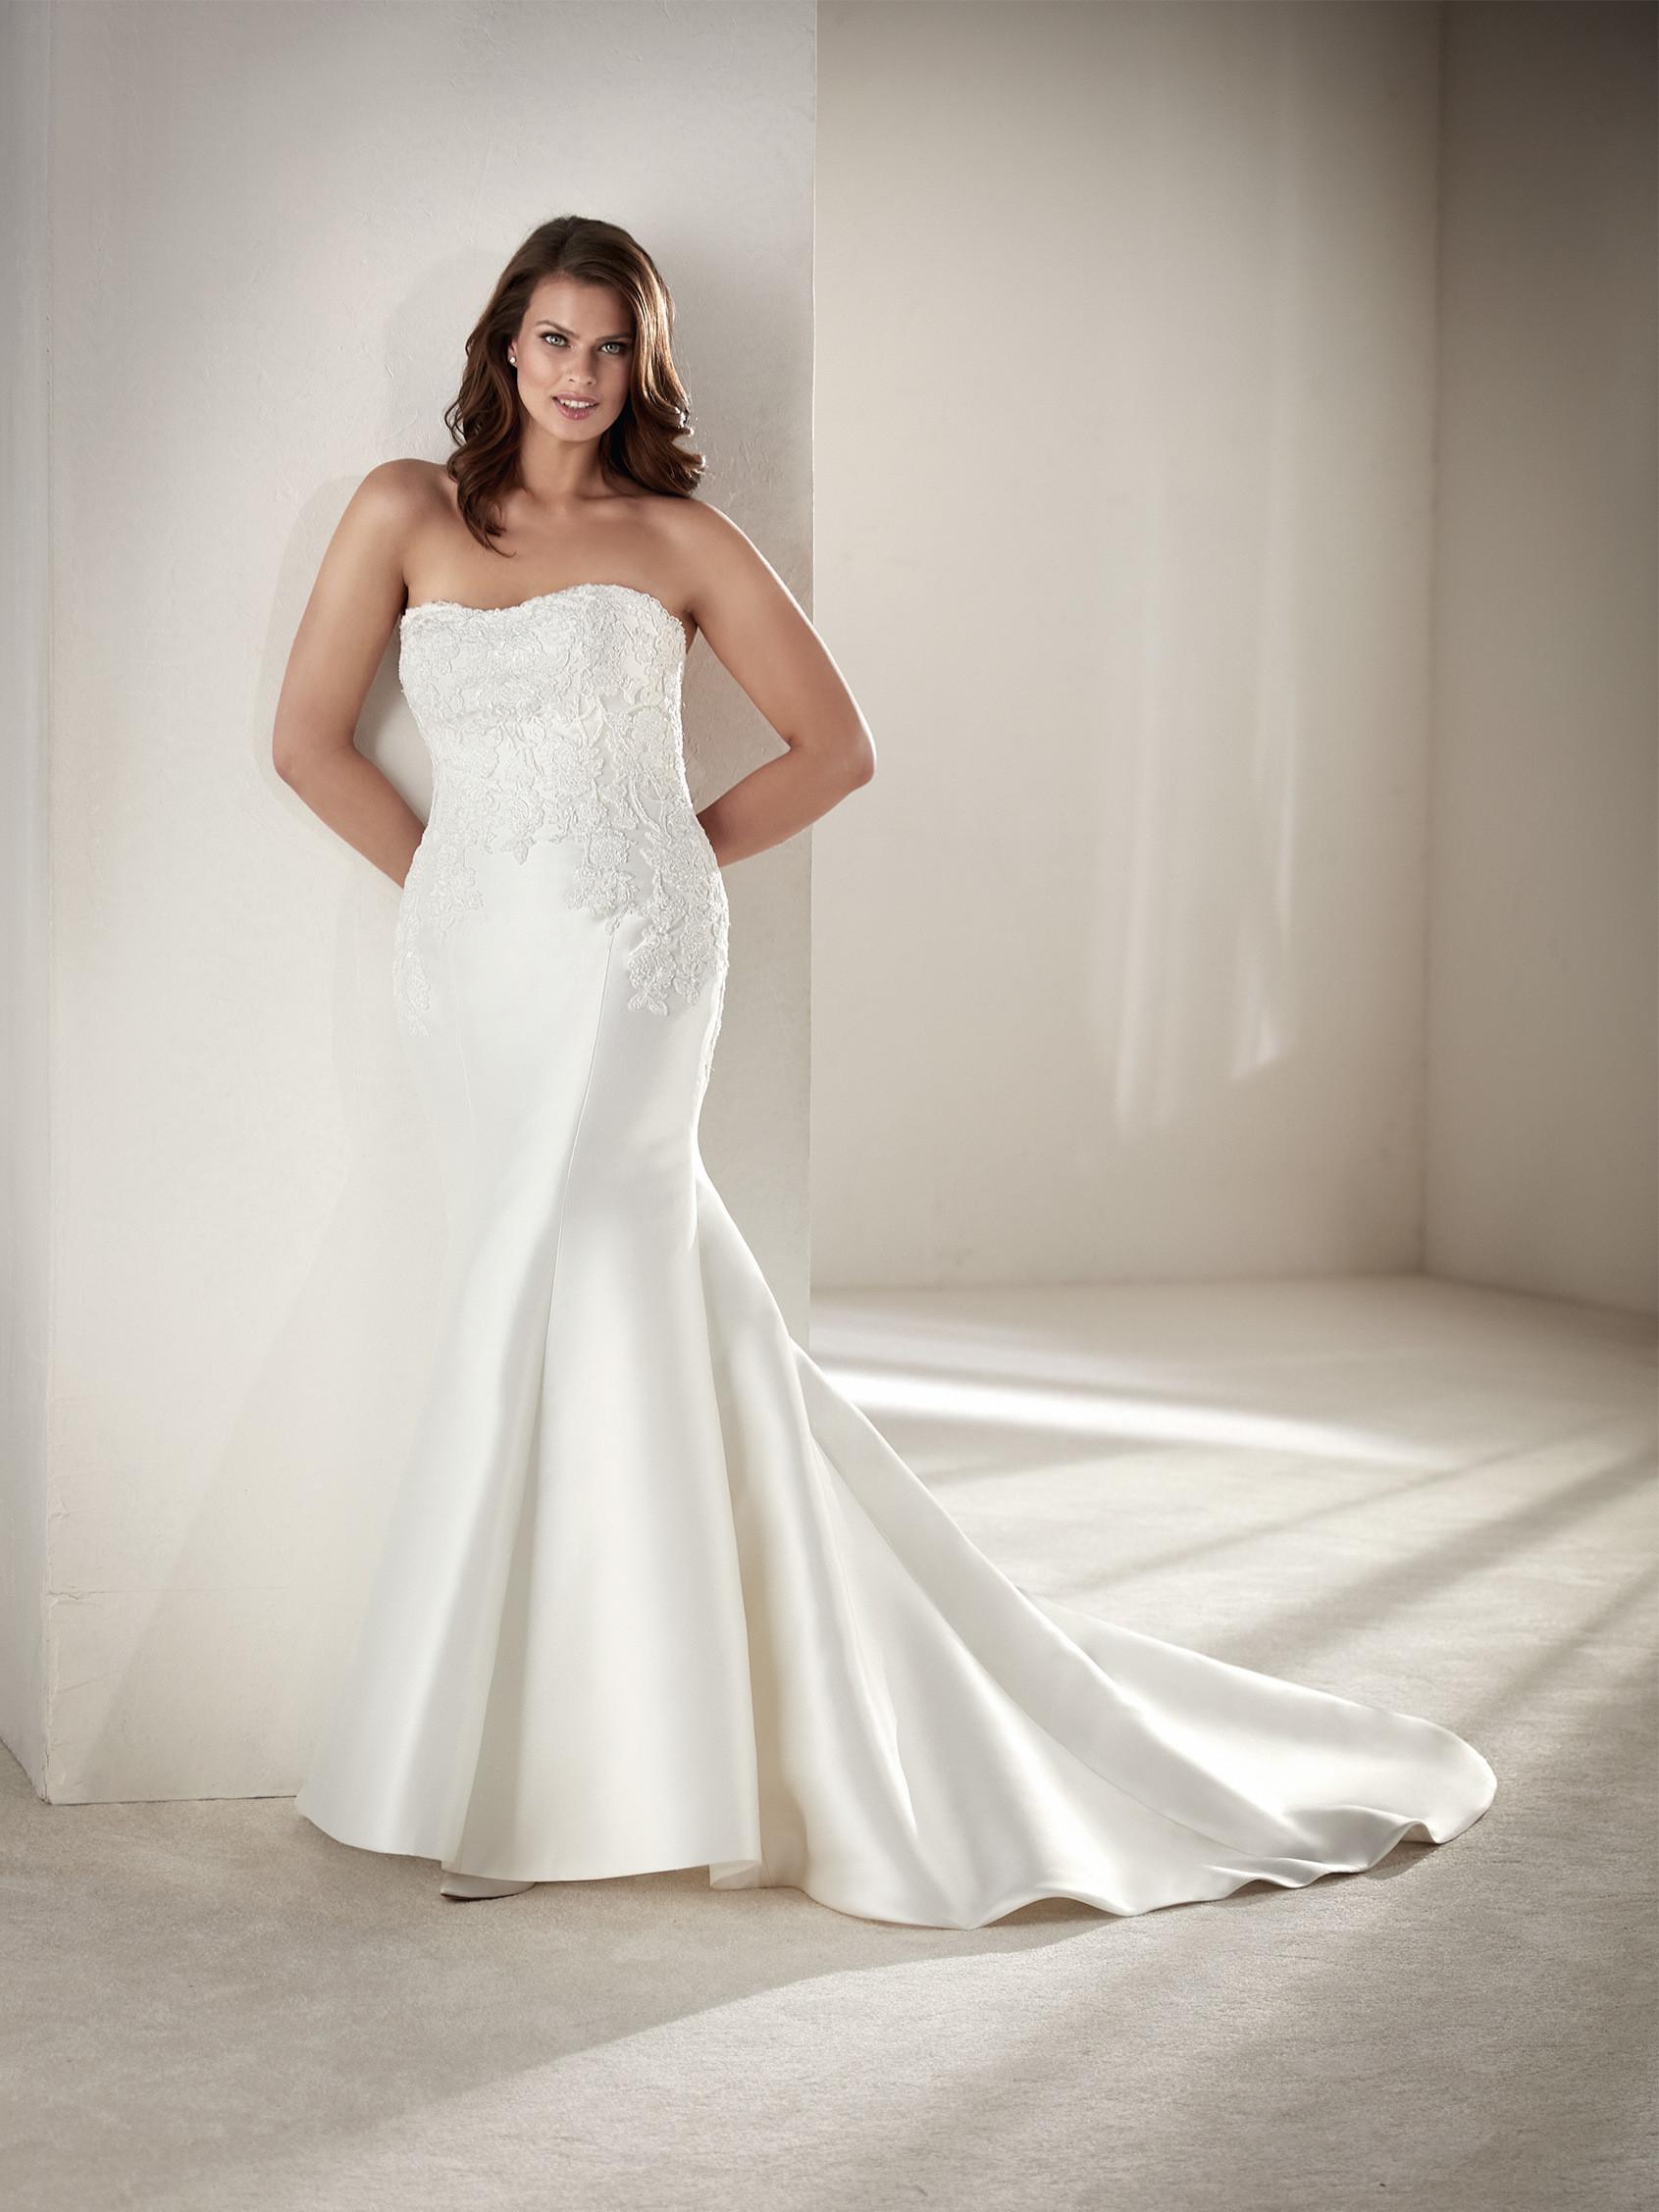 Vestiti Da Sposa Taglia 46.Abiti Da Sposa Pronovias Plus I Vestiti Piu Belli Per Taglie